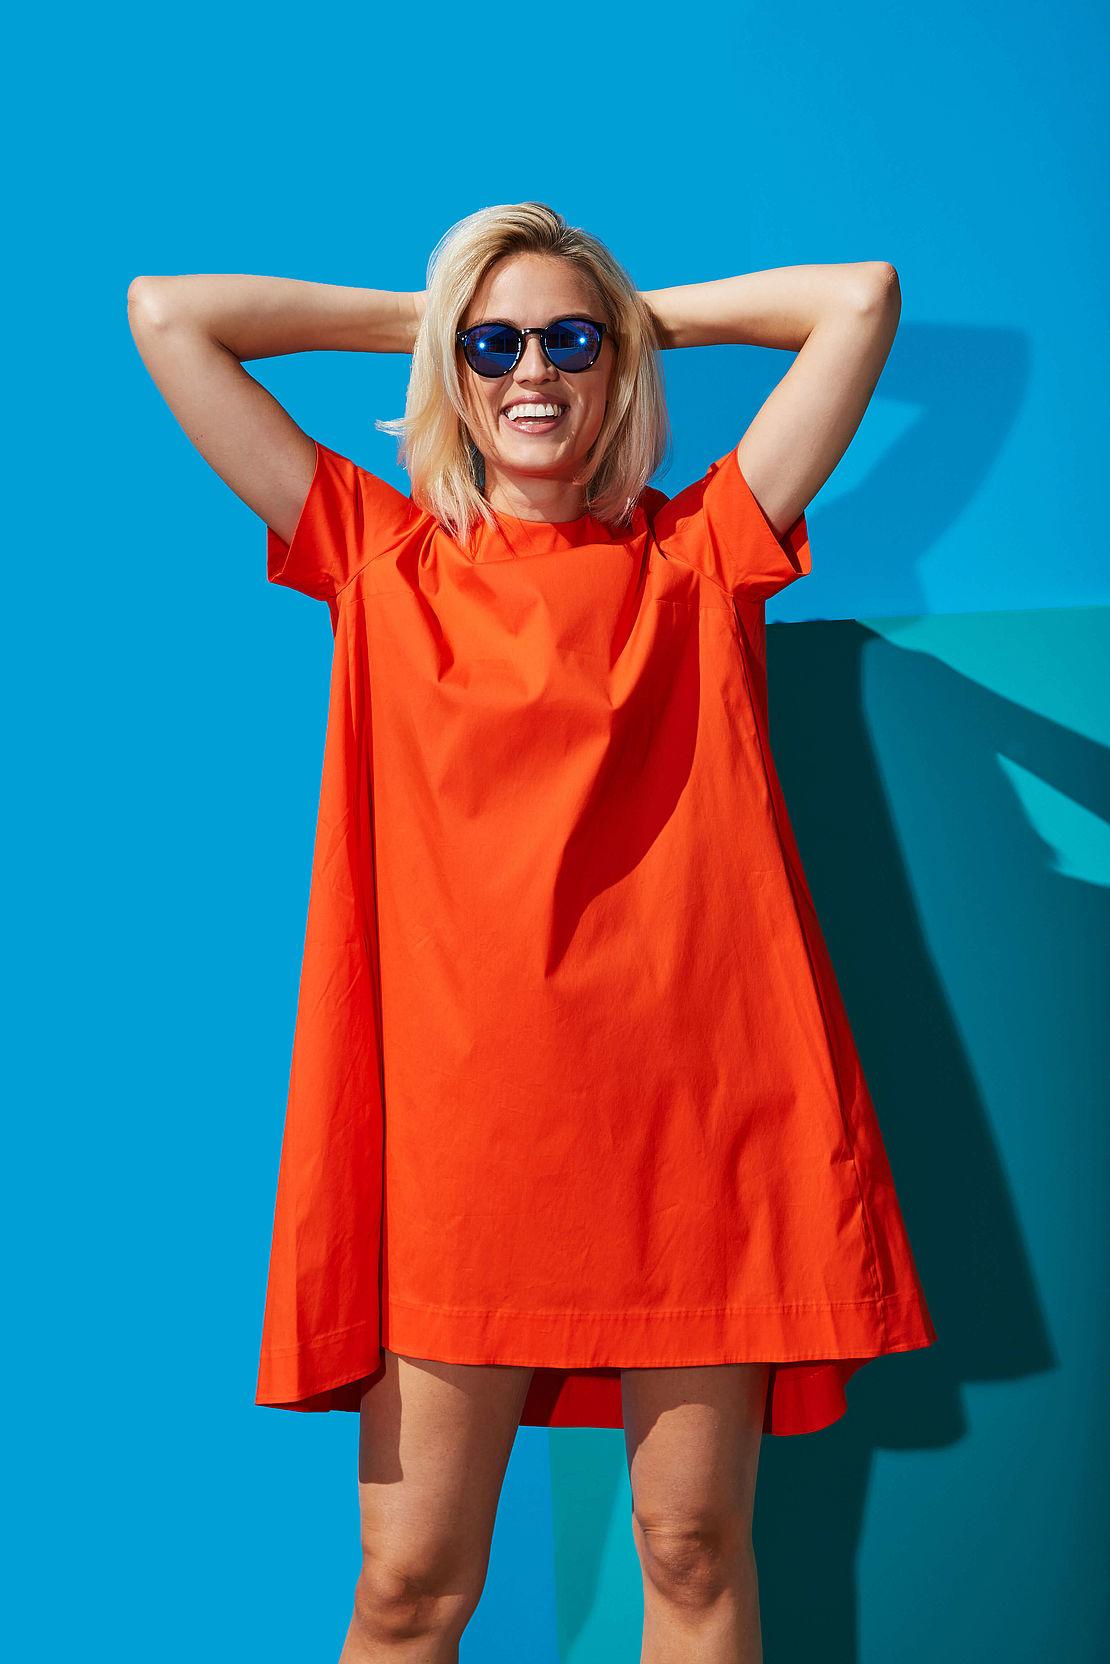 Frau mit blau verspiegelter Sonnenbrille Modell 3002109